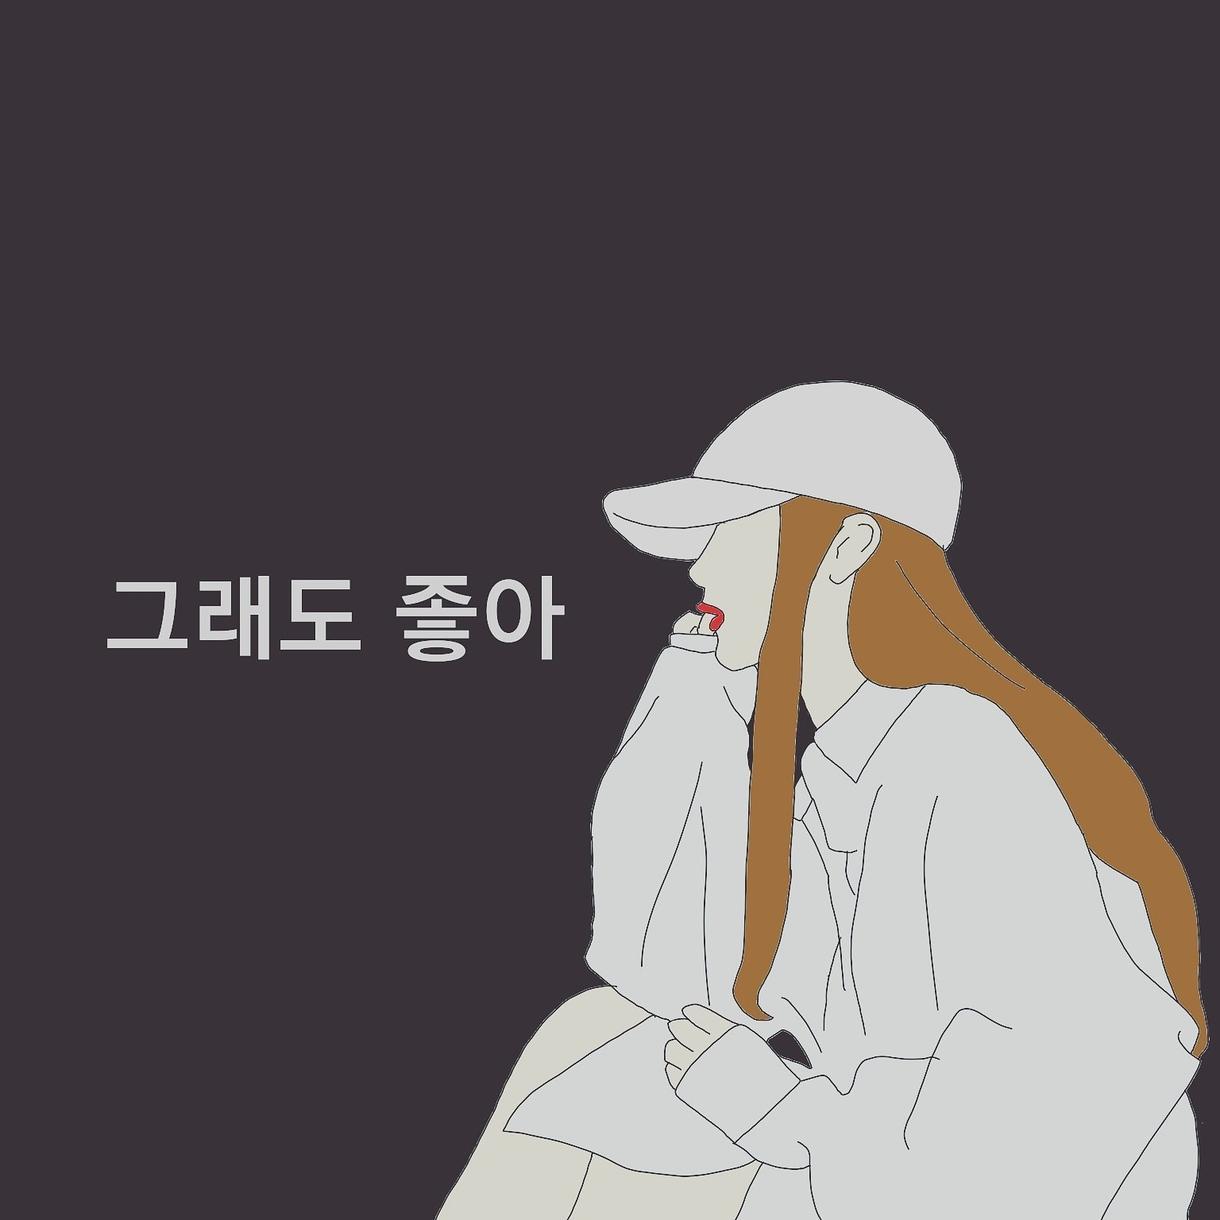 韓国語ポエム入りの似顔絵描きます 韓国風Web漫画っぽいイラストにポエムかきます。